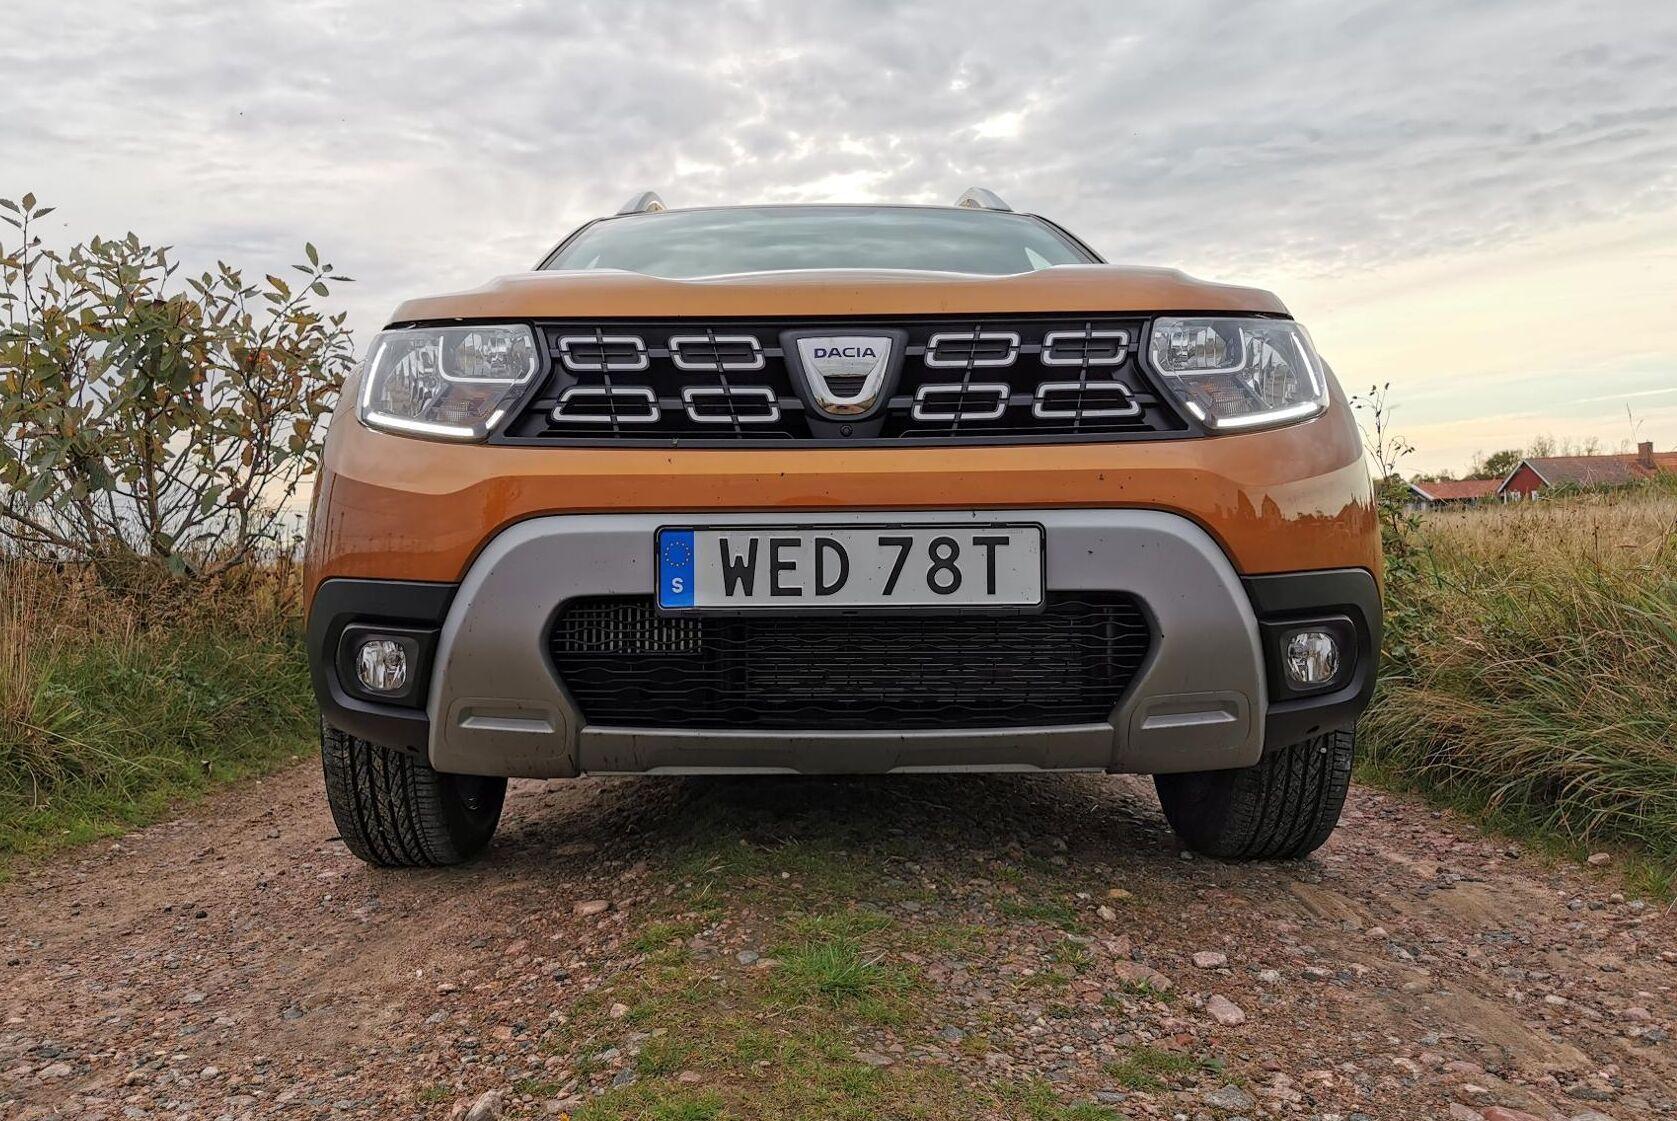 Fossilbilar som Dacia Duster som drivs med bensin eller diesel får höjd fordonsskatt från den 1 april.